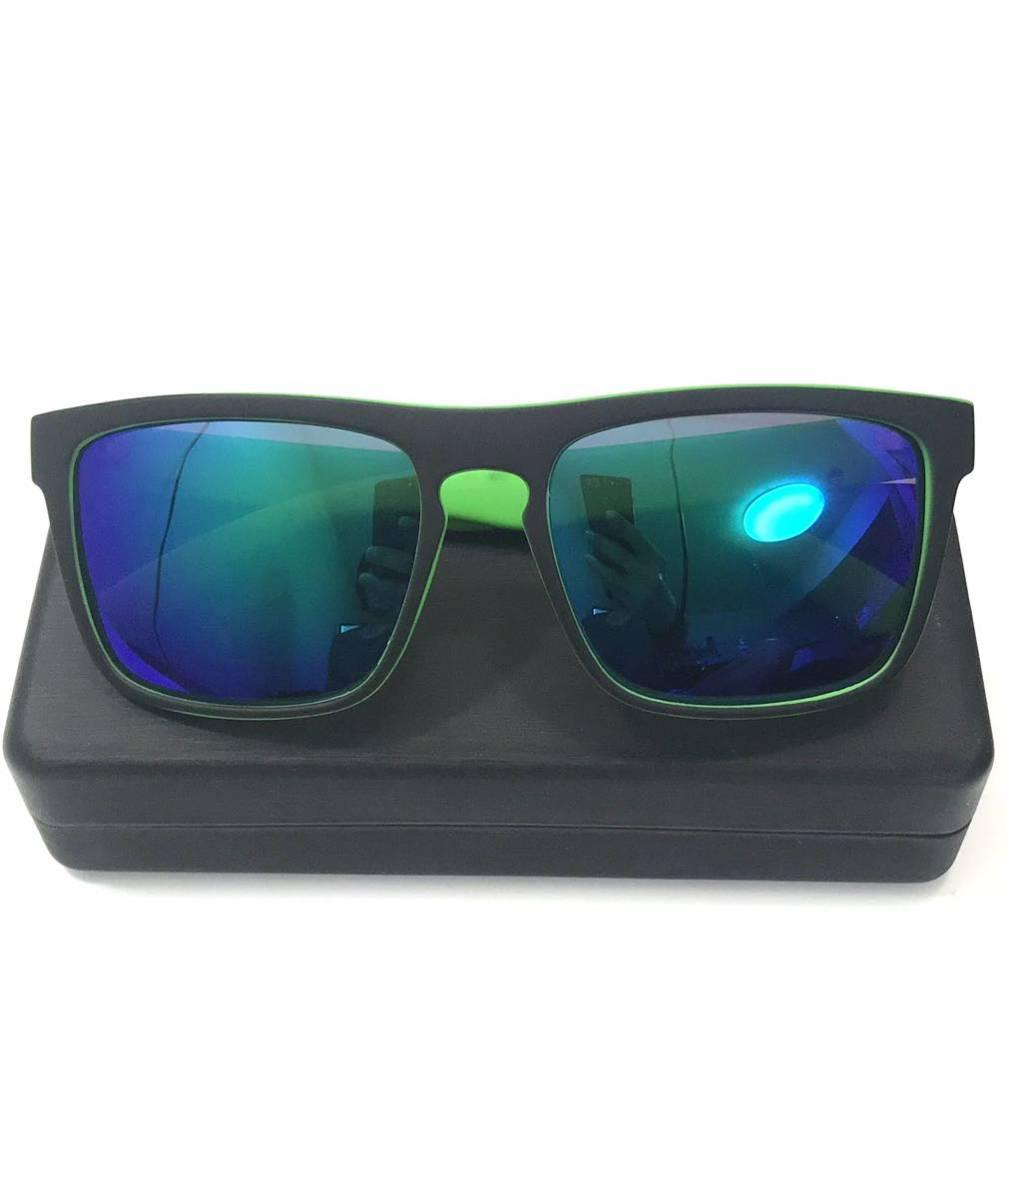 偏光サングラス フィッシング ブルー×グリーン インポート偏光サングラス 格安